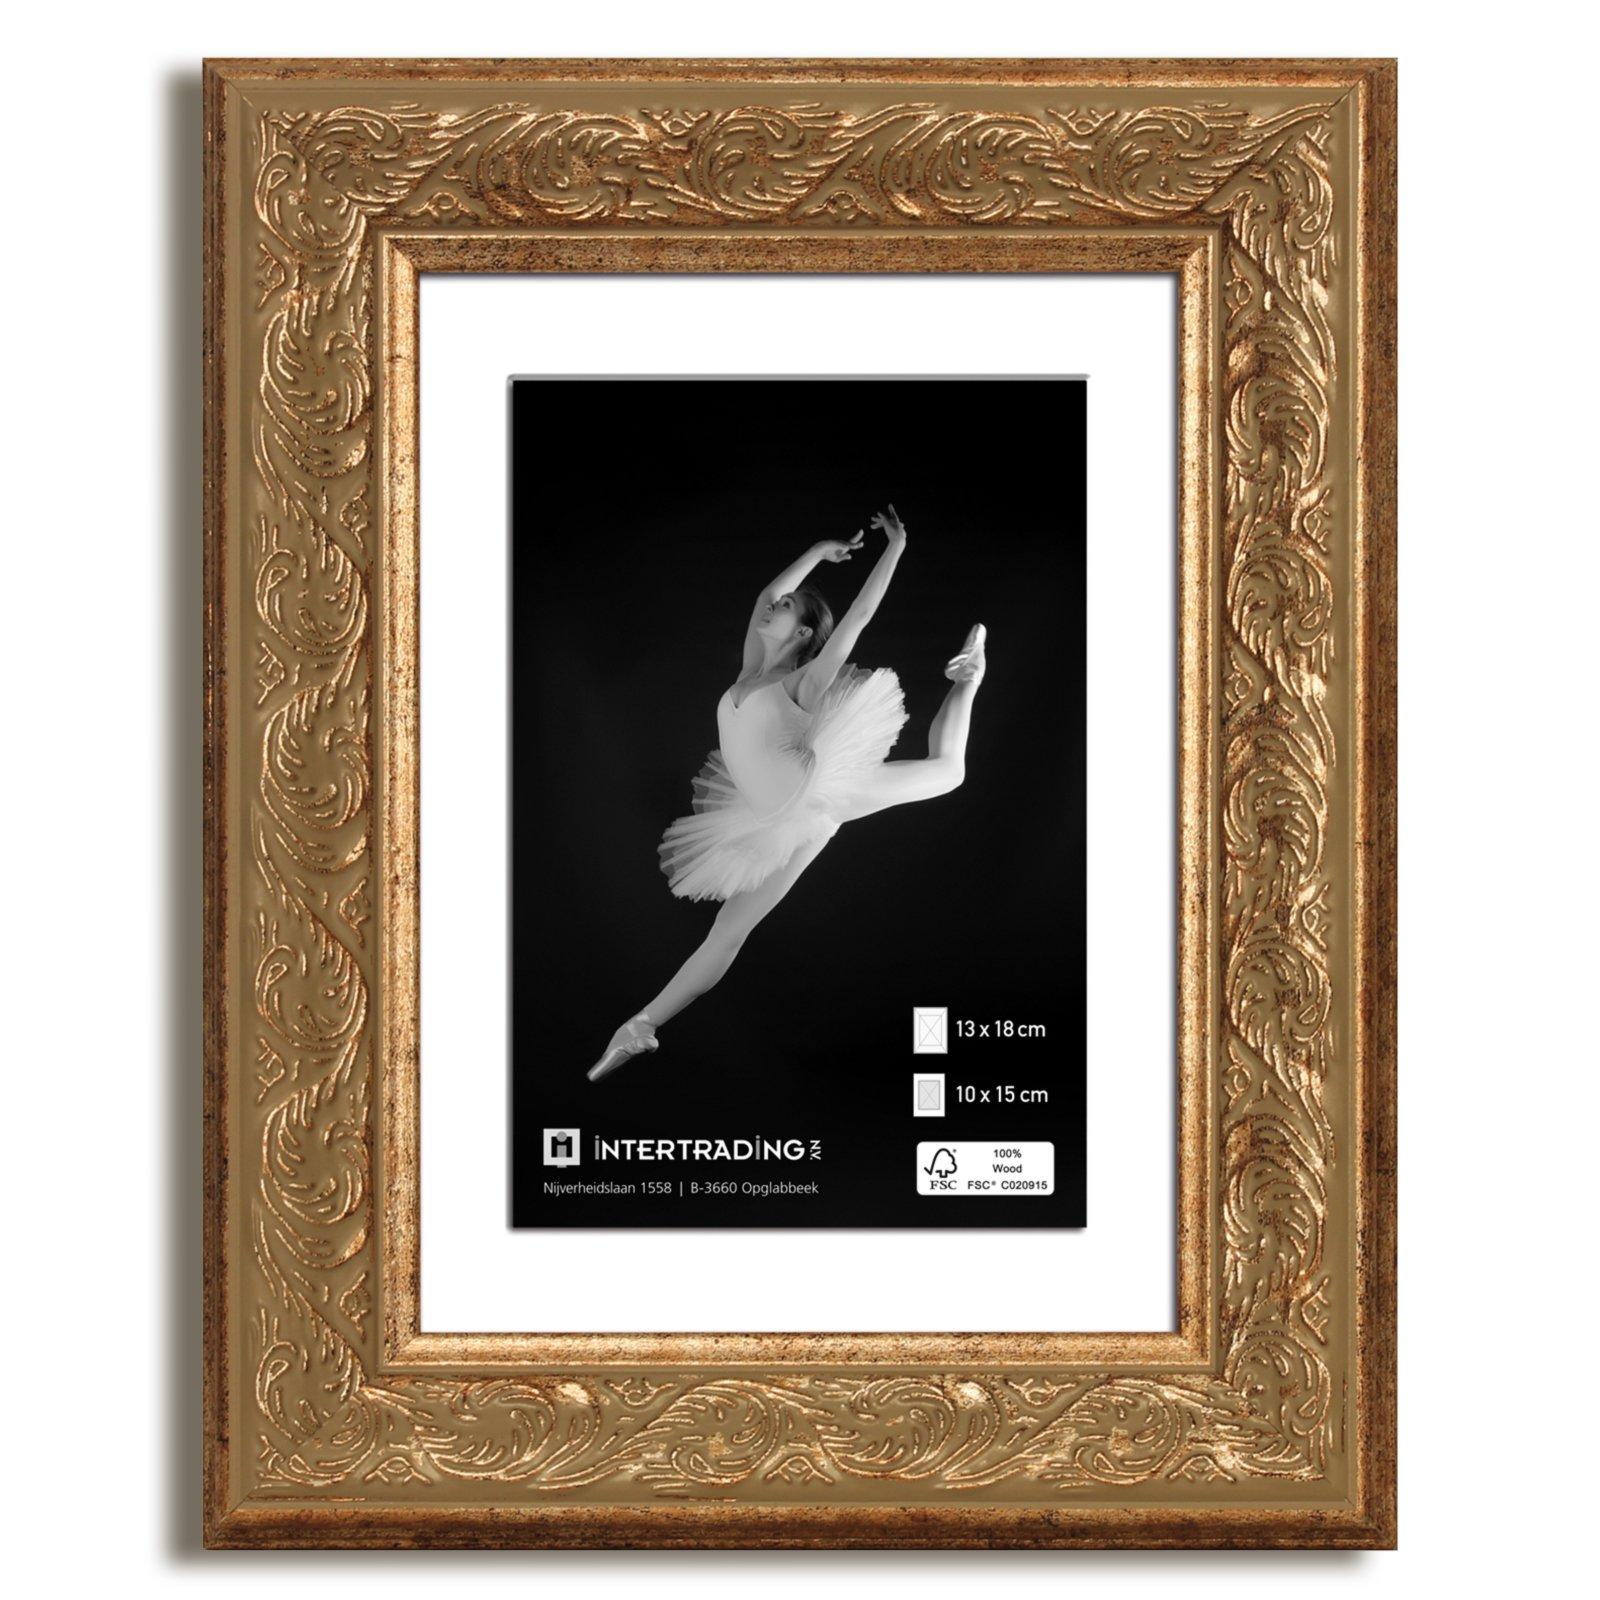 Bilderrahmen VIKTORIA - gold - 13x18 cm